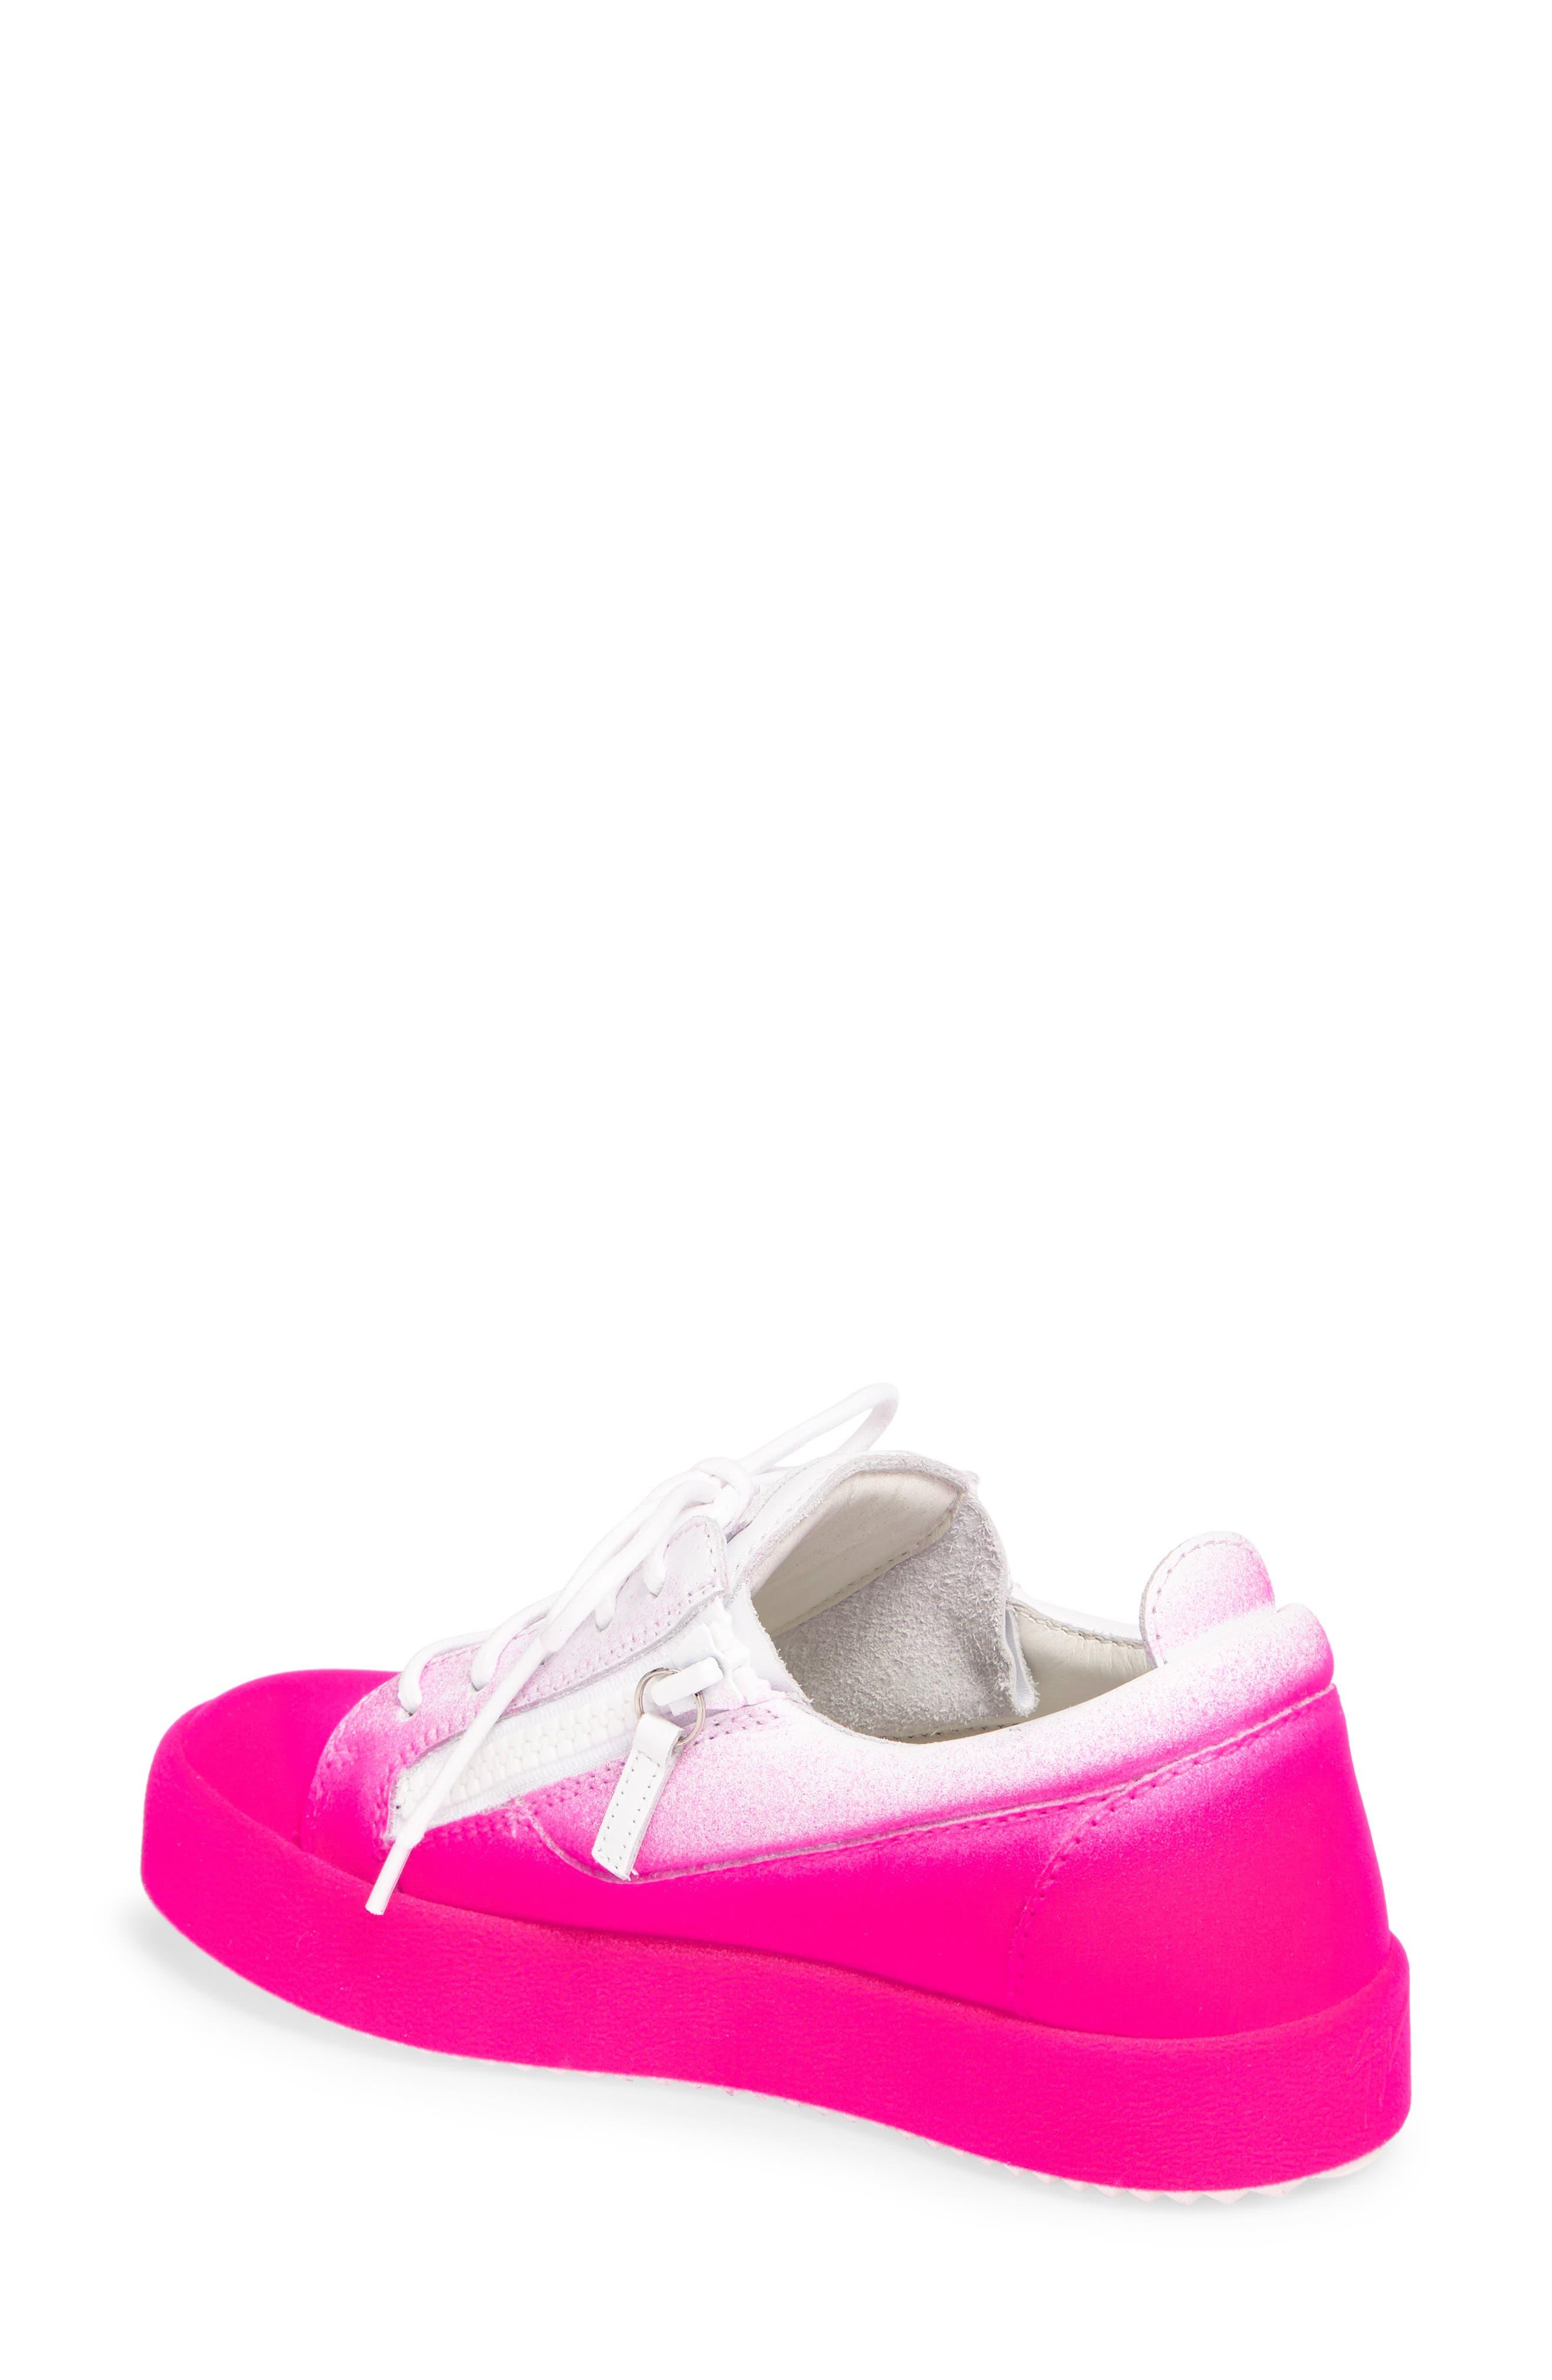 May London Low Top Sneaker,                             Alternate thumbnail 2, color,